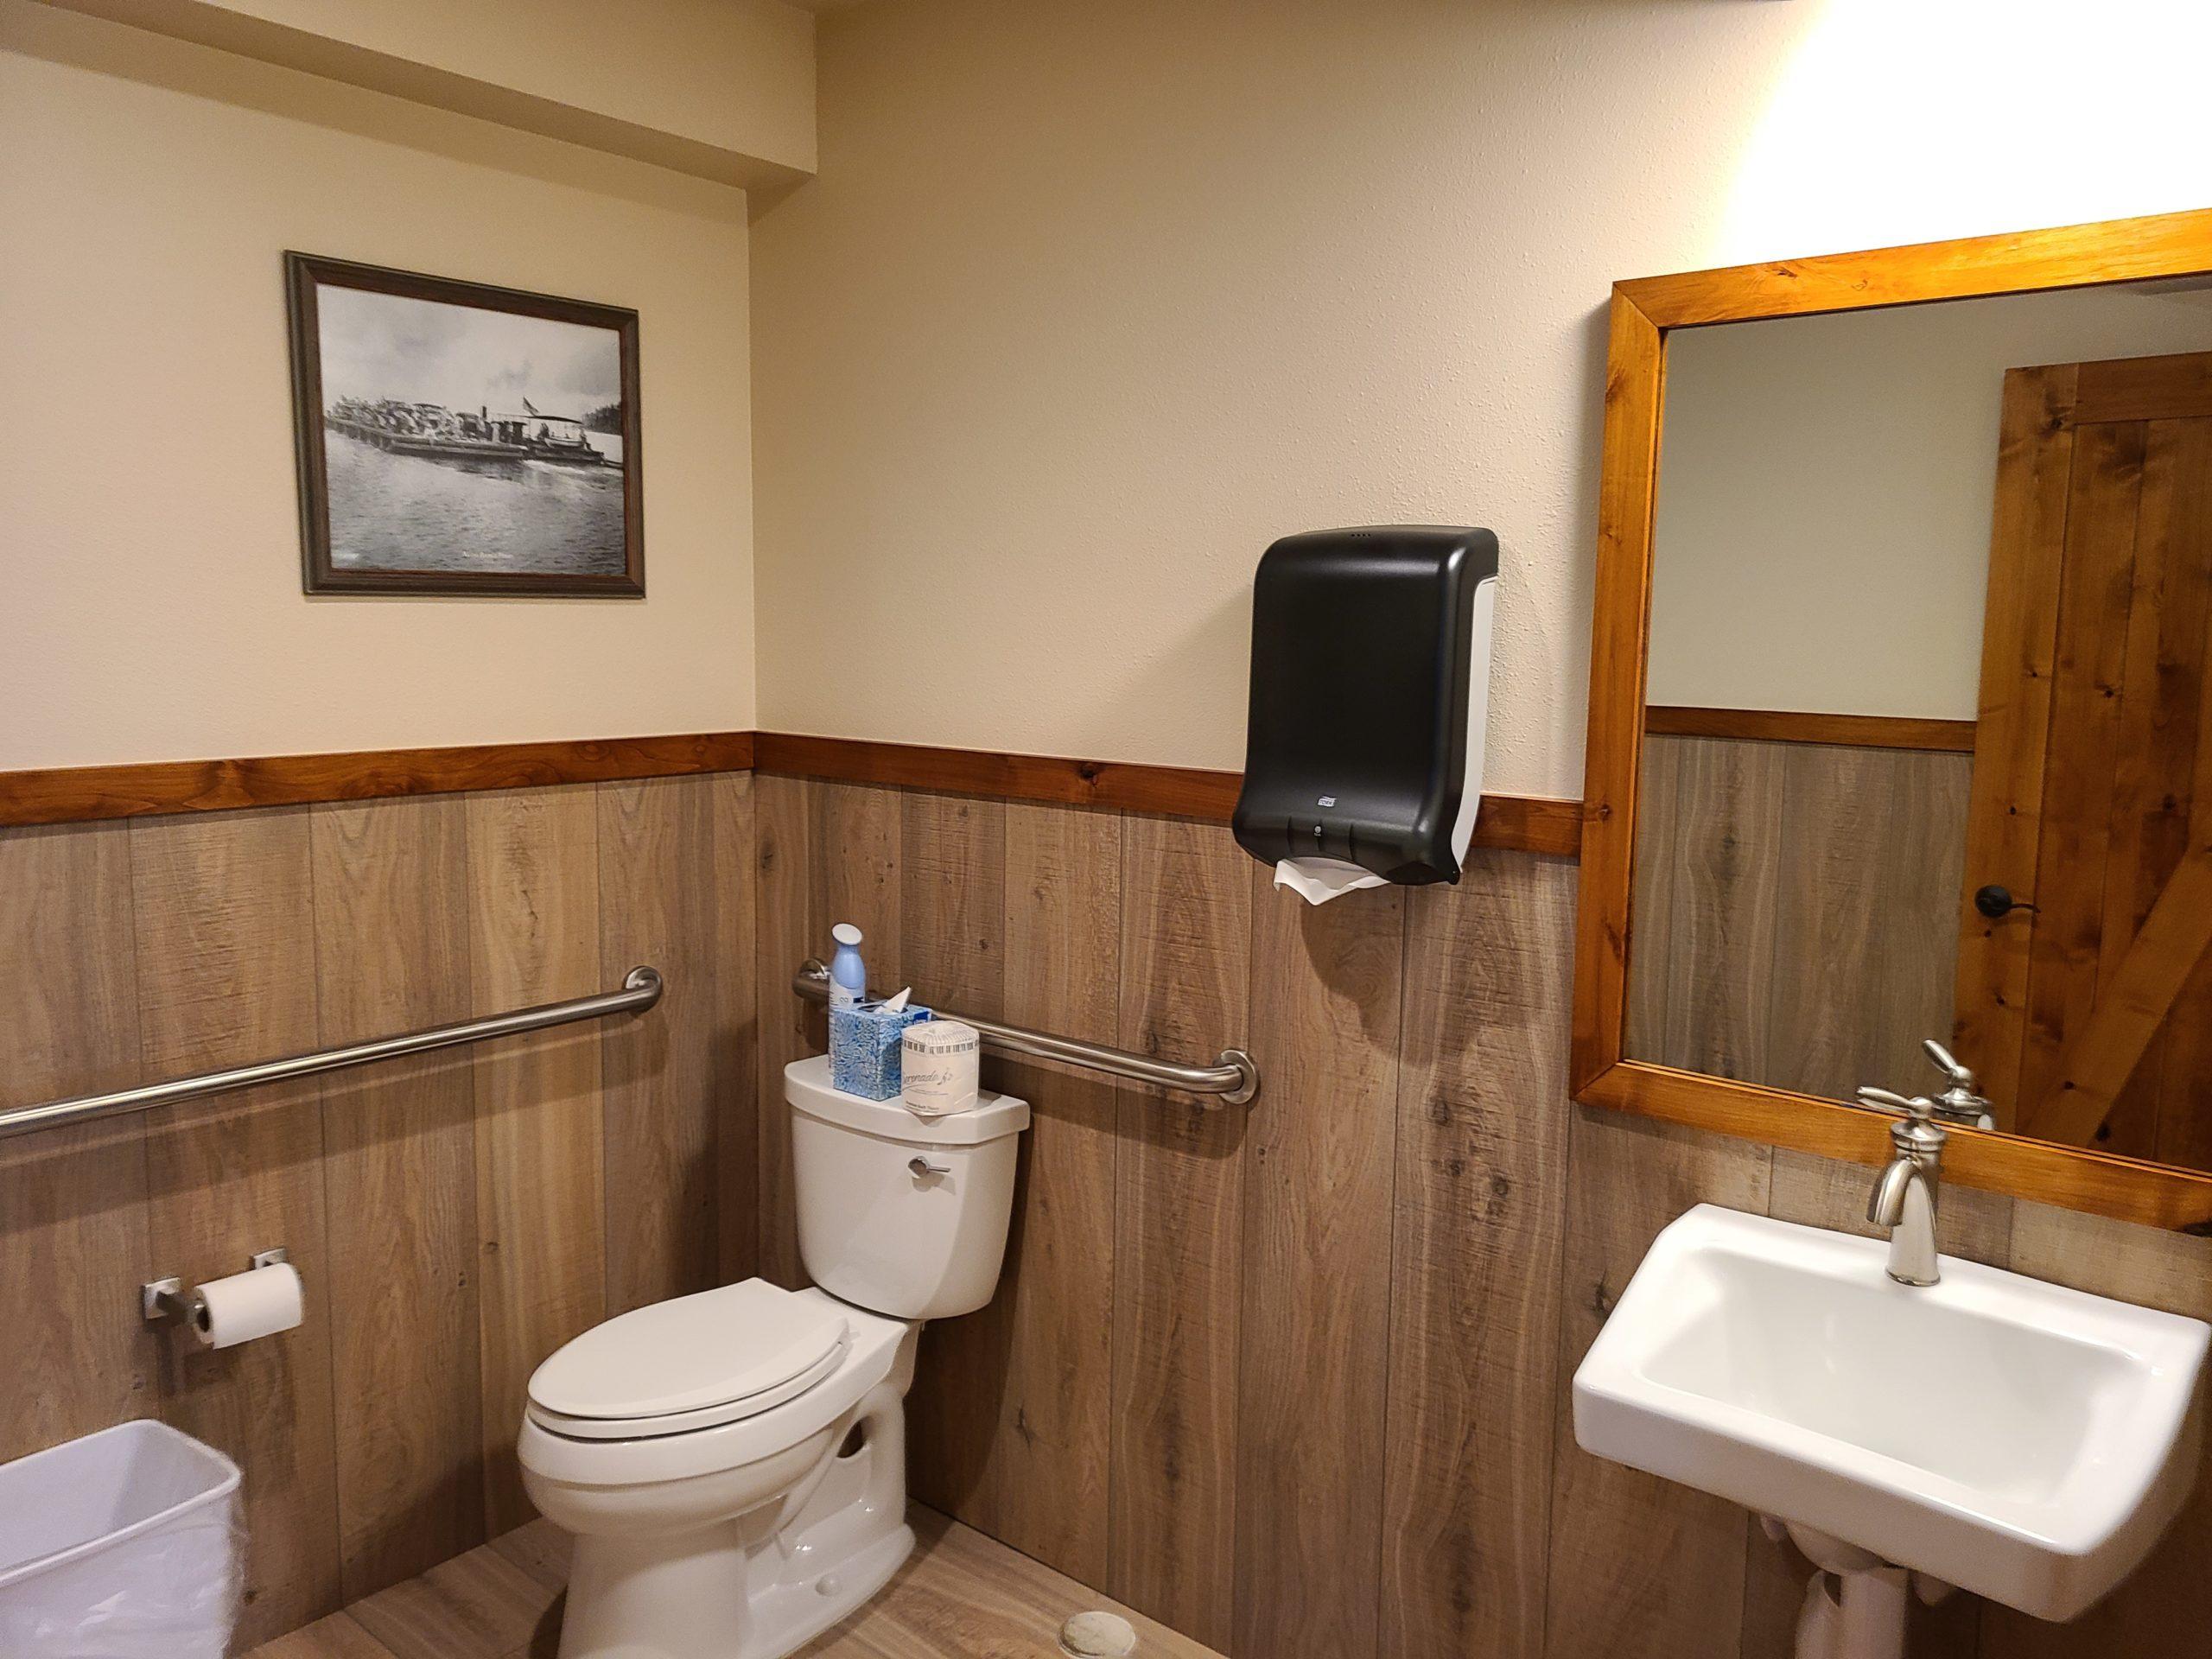 Tahoe Vista Commercial Remodel -After